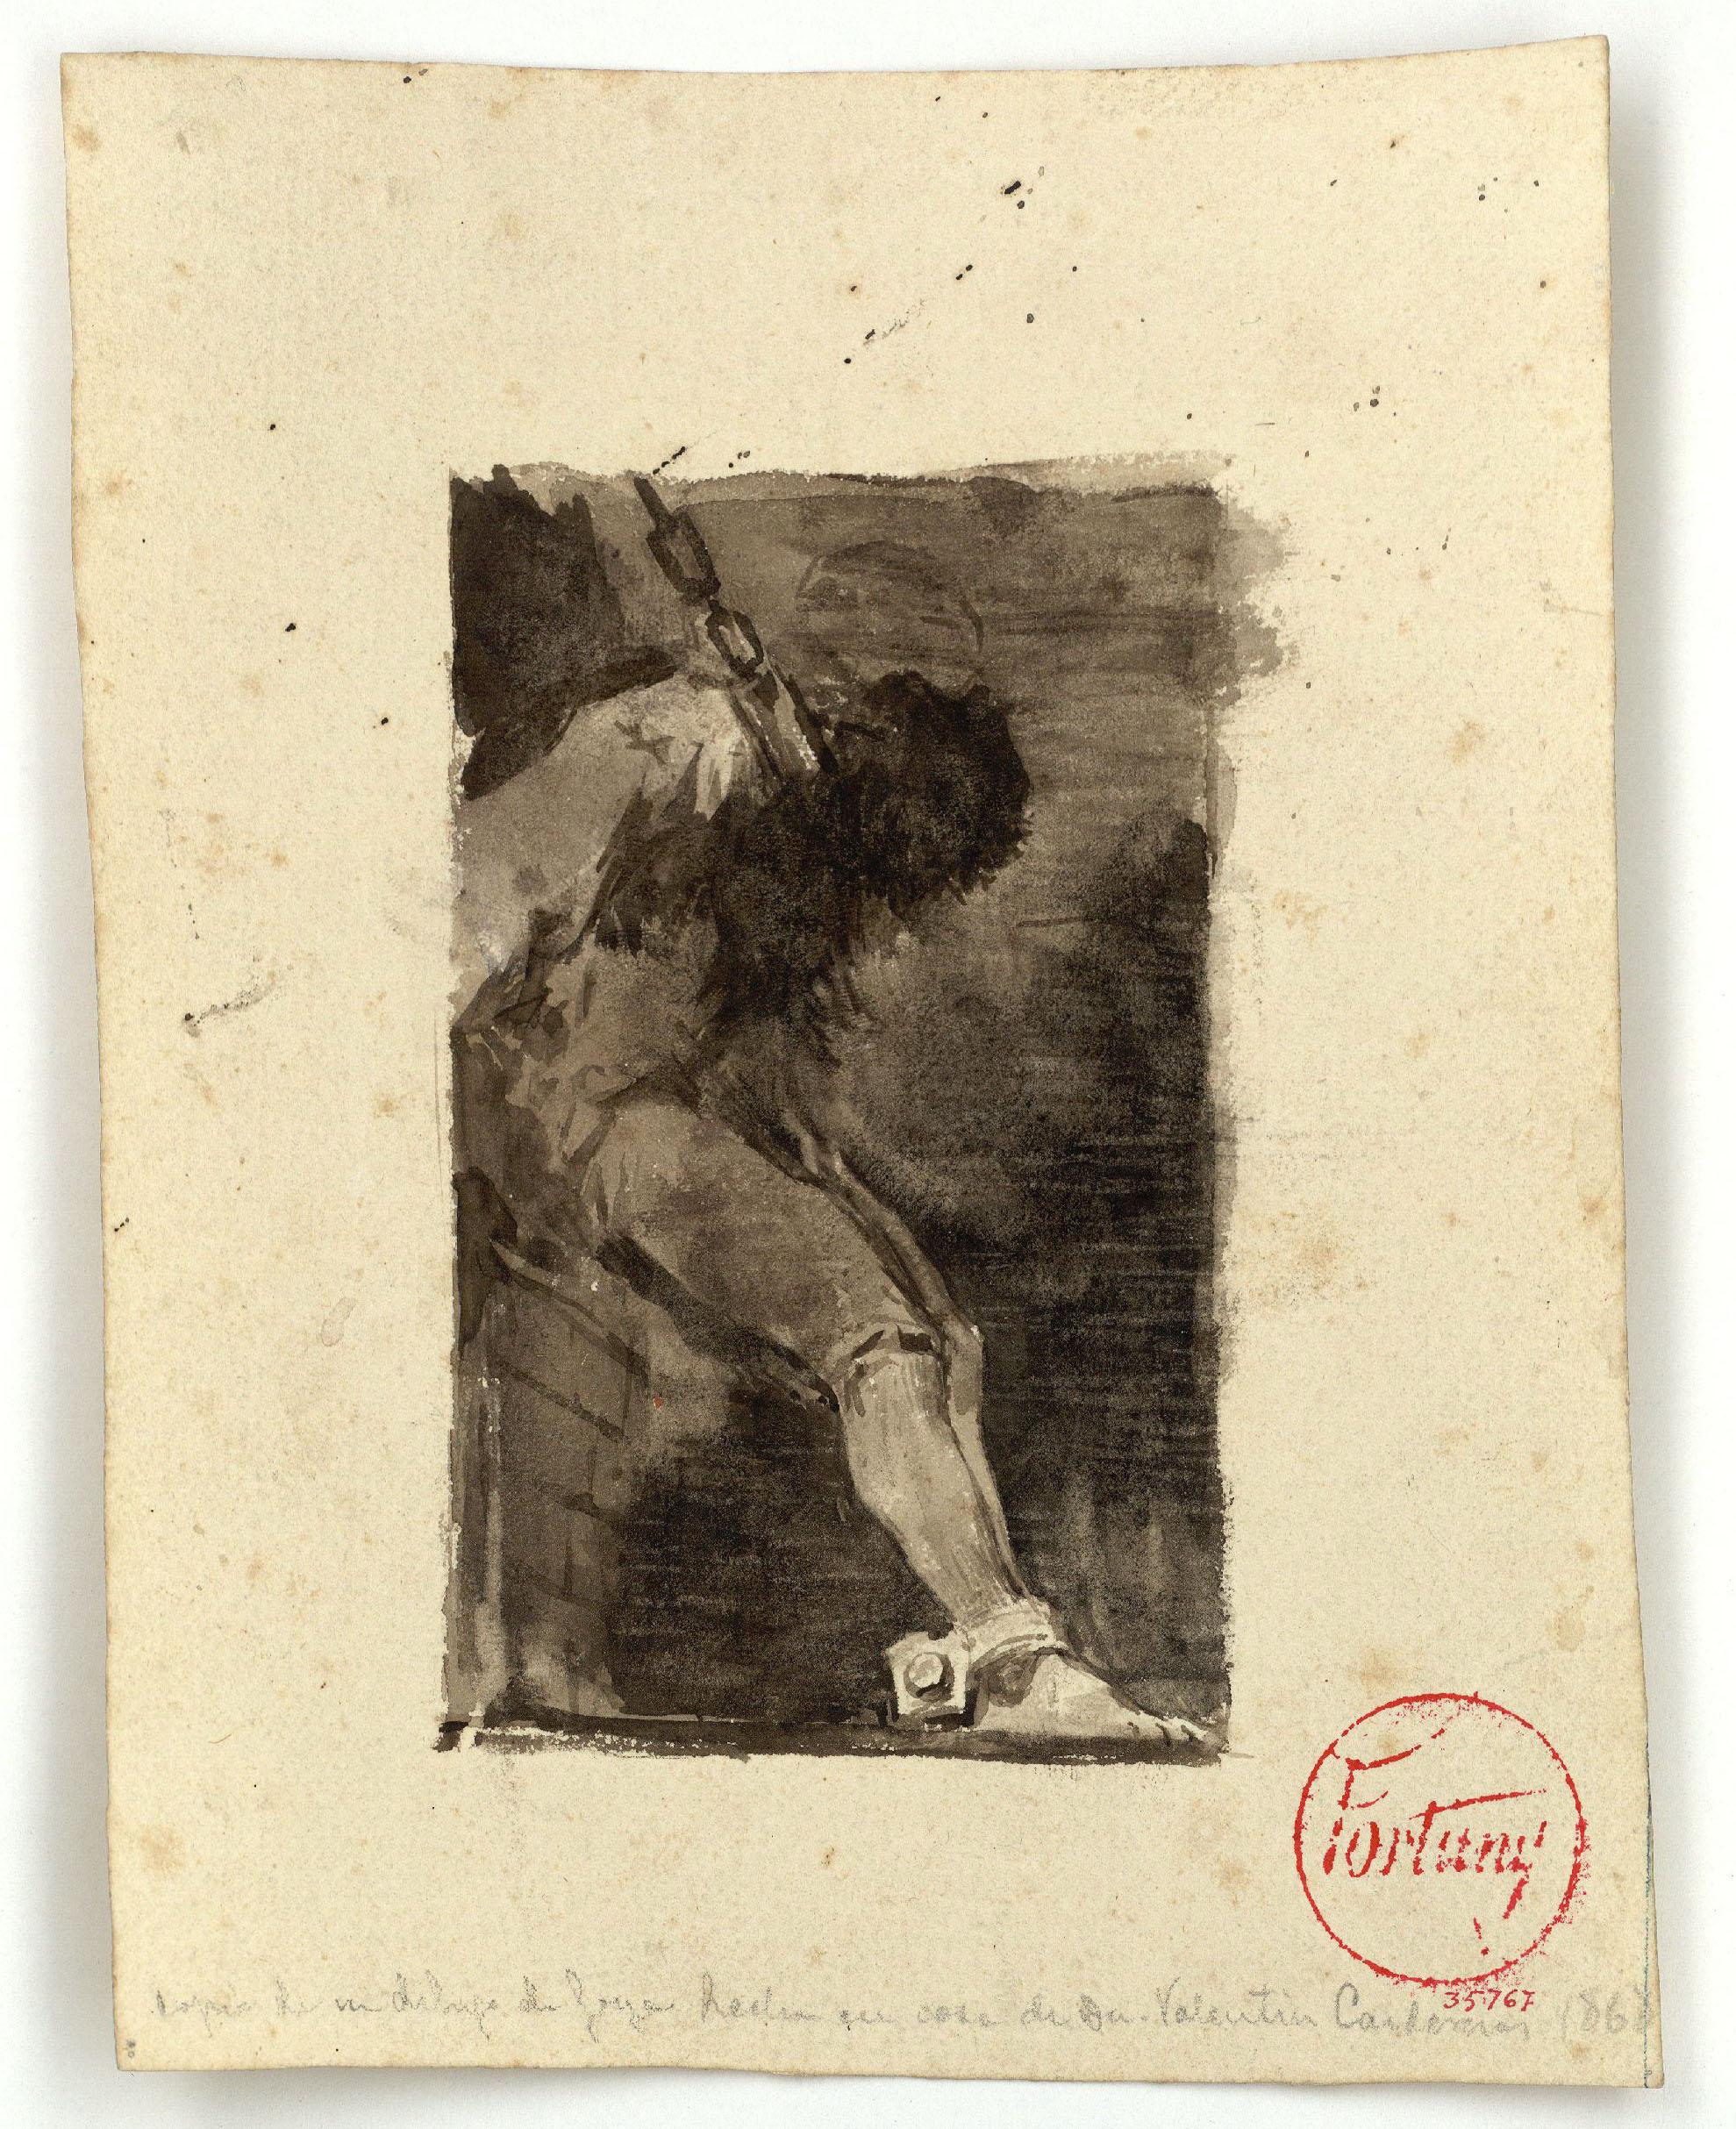 Marià Fortuny - Presoner (còpia d'un dibuix de Goya) - Cap a 1868